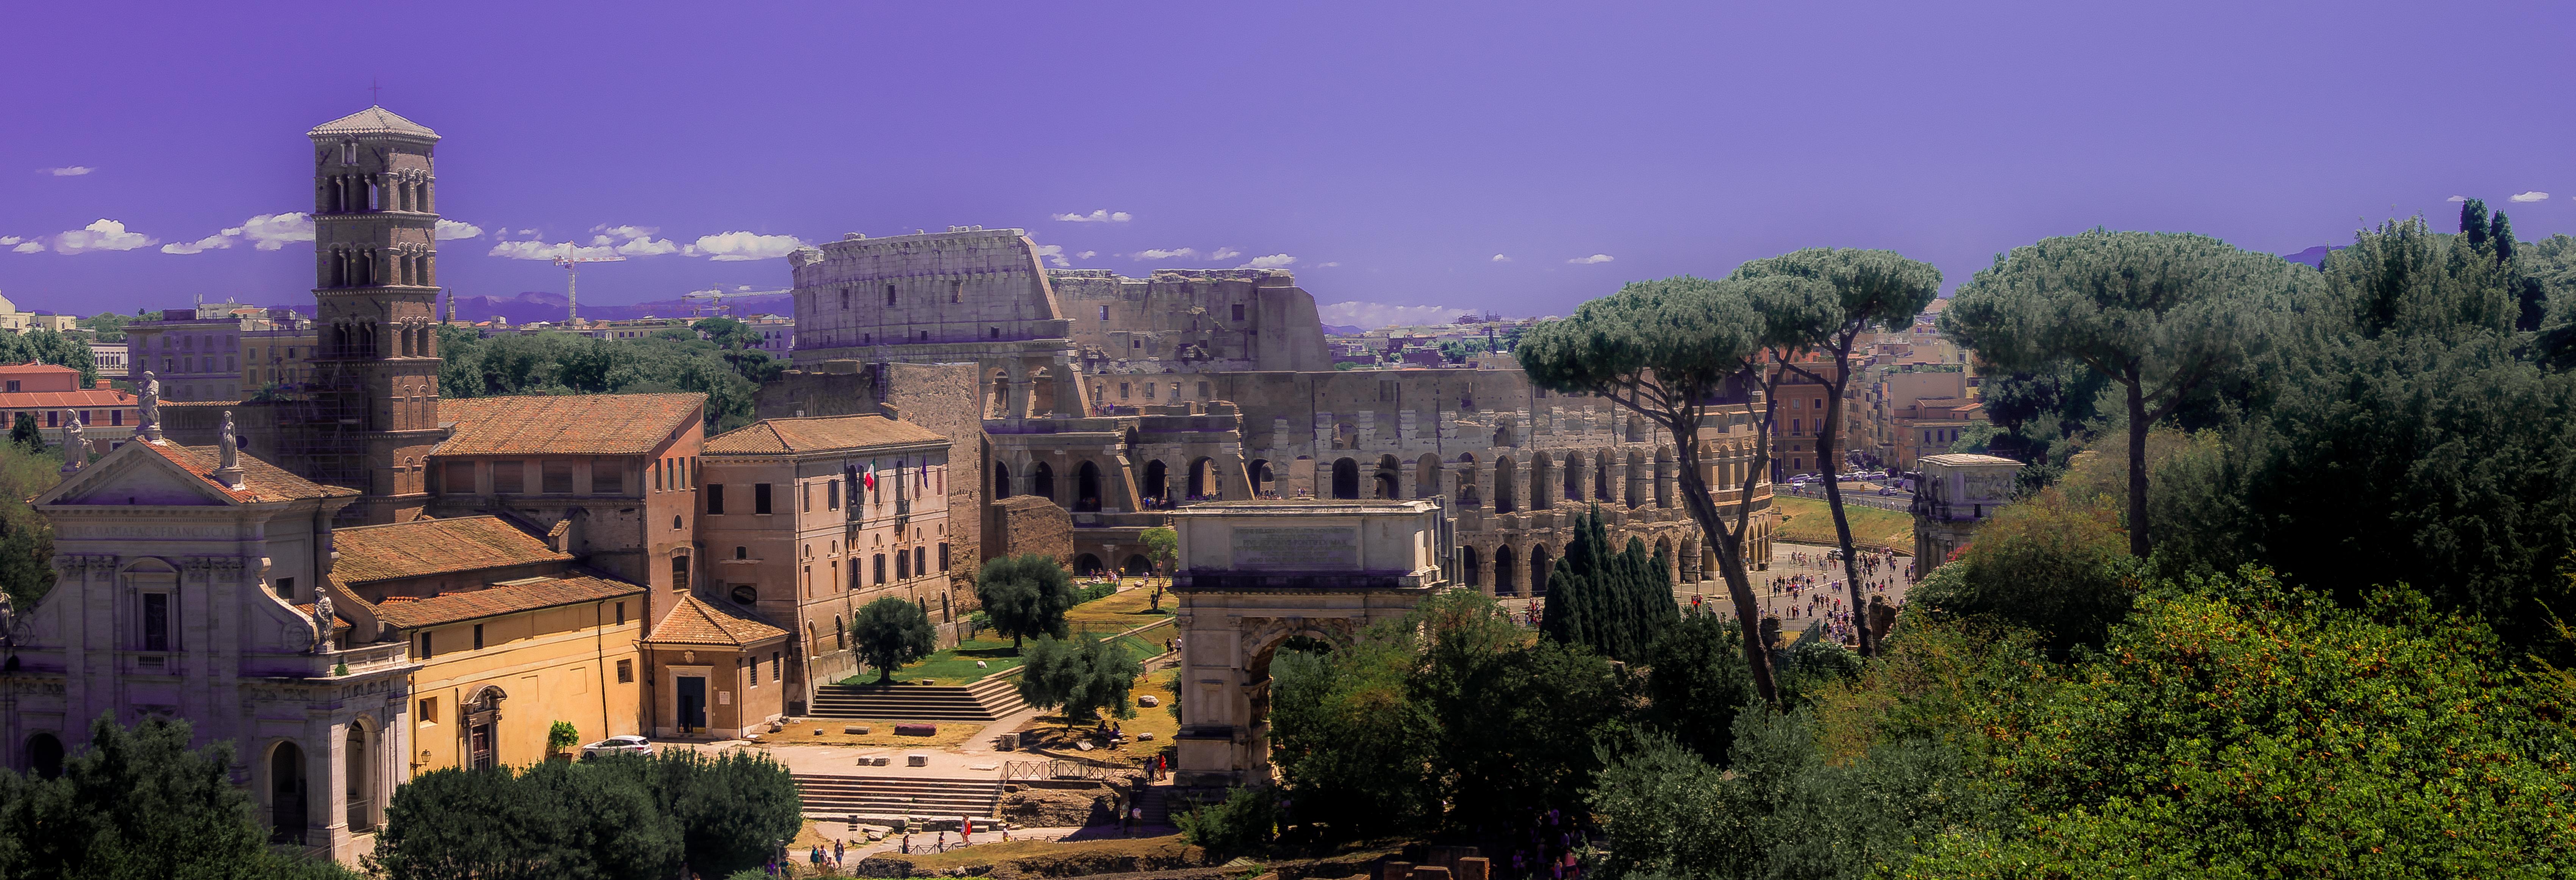 обои Колизей, форум, Рим, Италия картинки фото